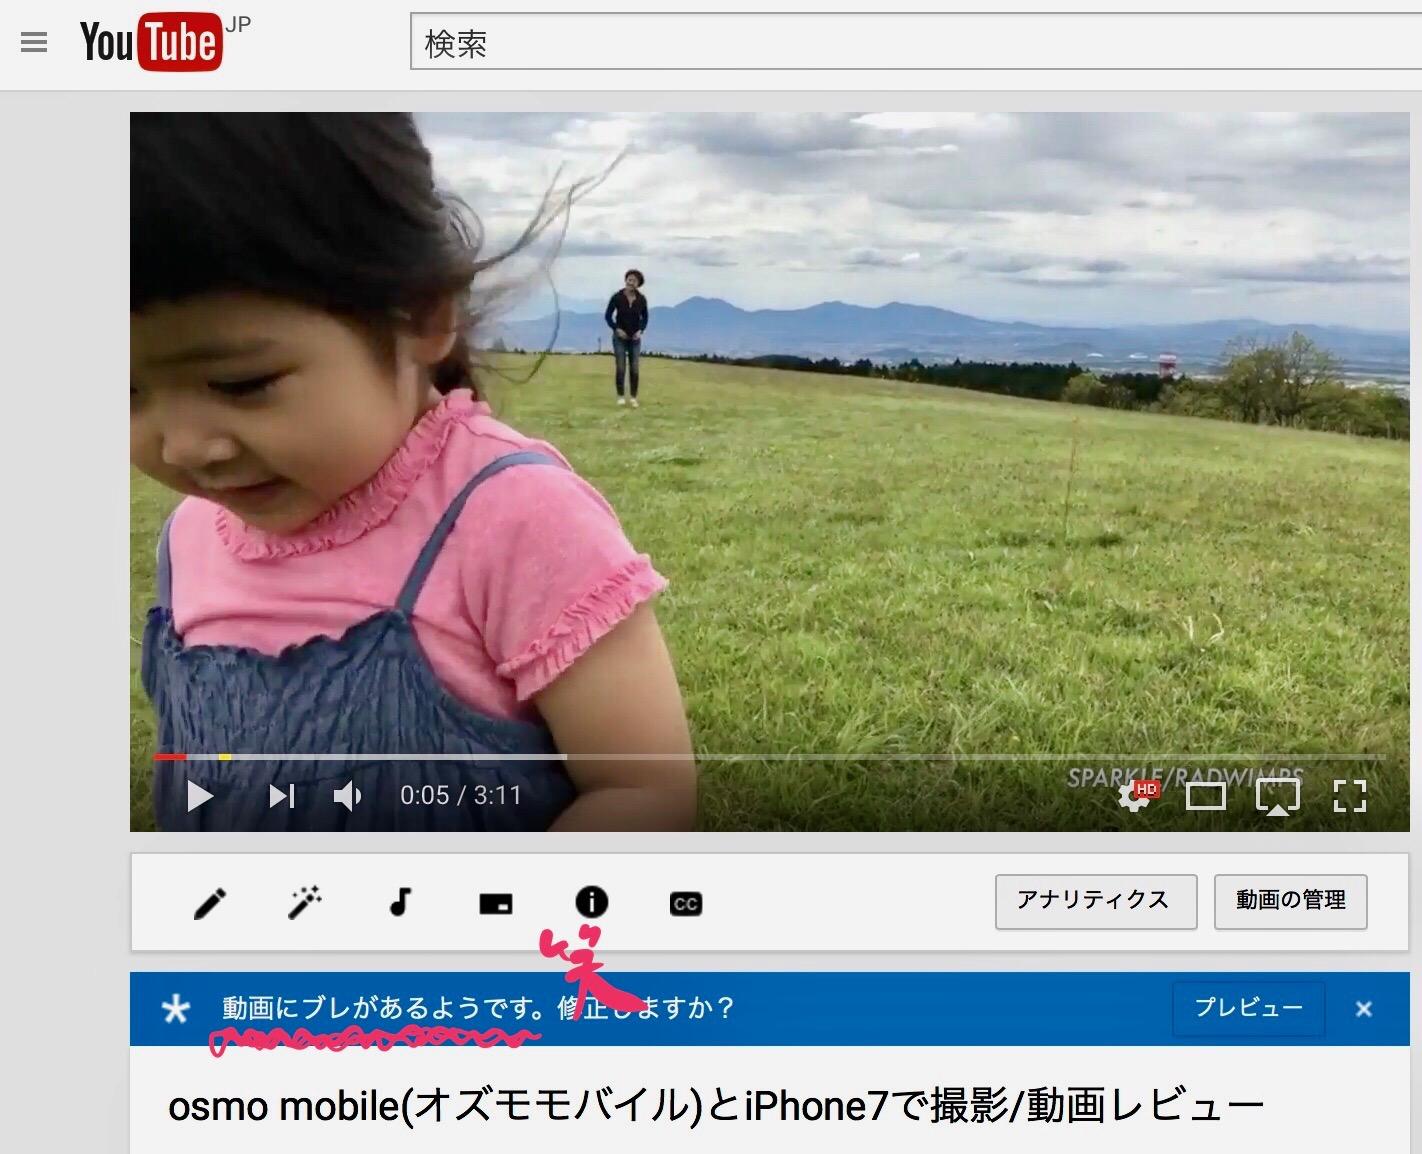 スクリーンショット 2017-05-08 14.03.14